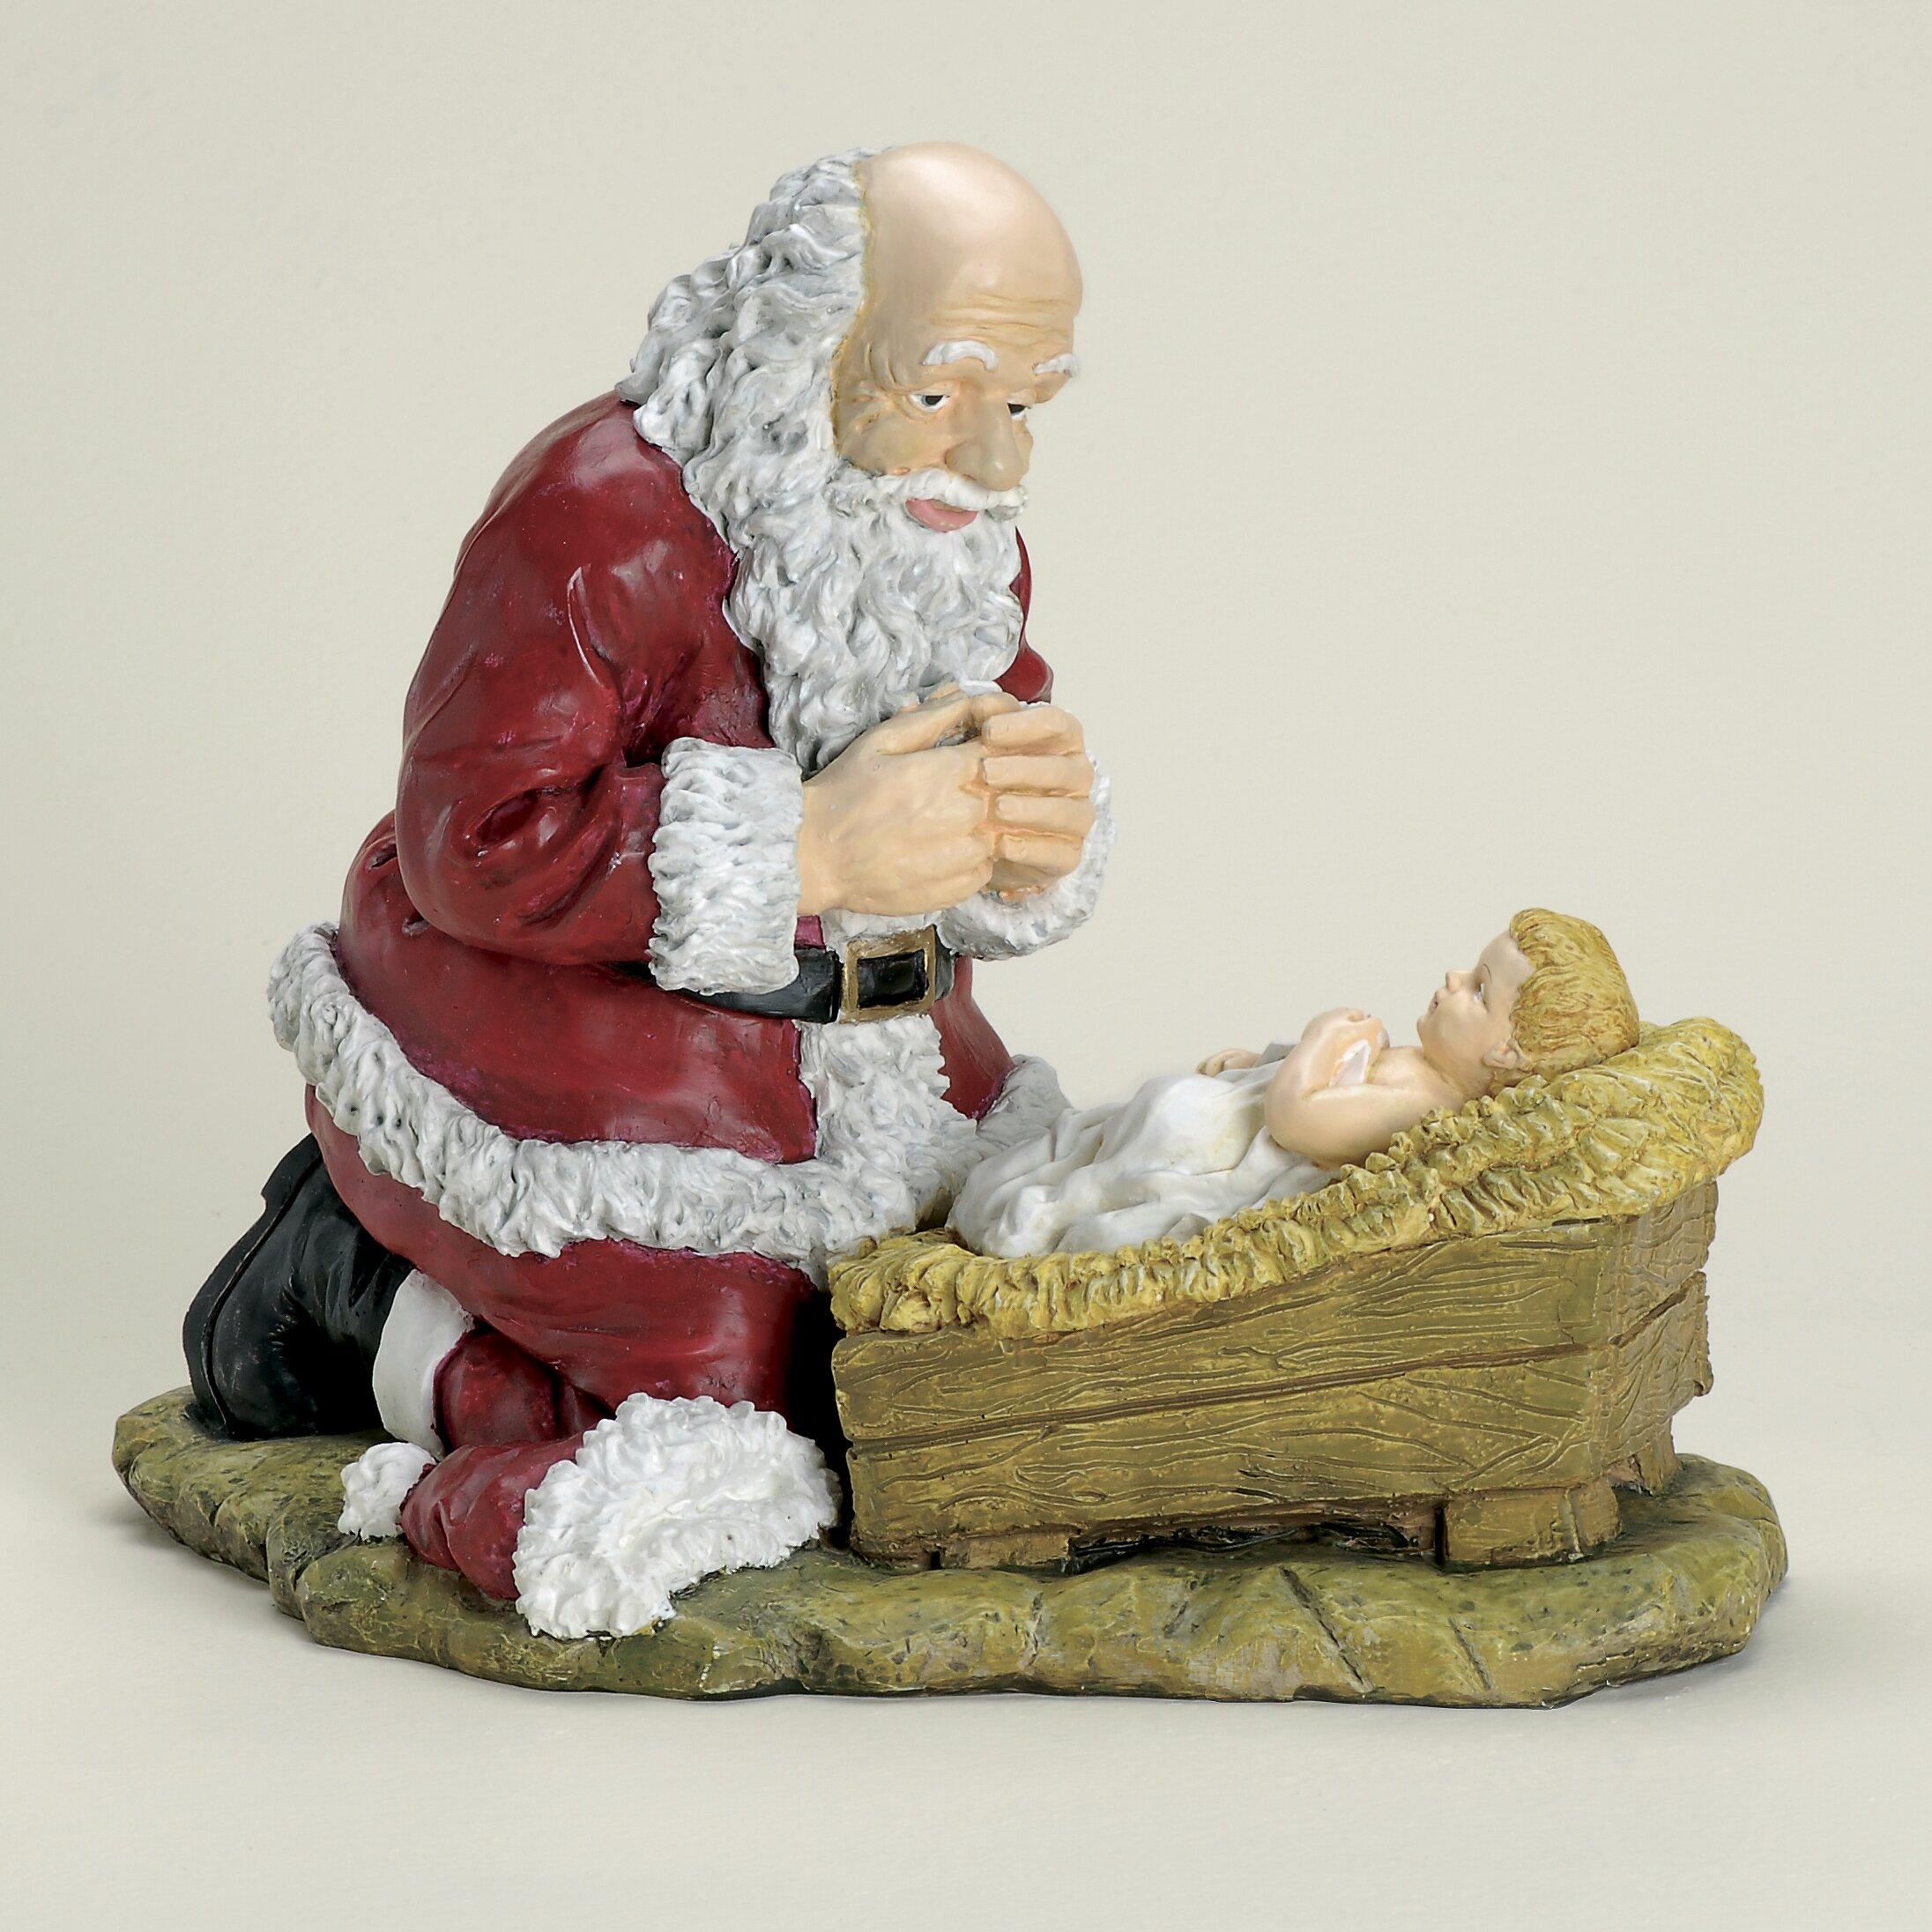 Roman inc kneeling santa christmas figurine reviews